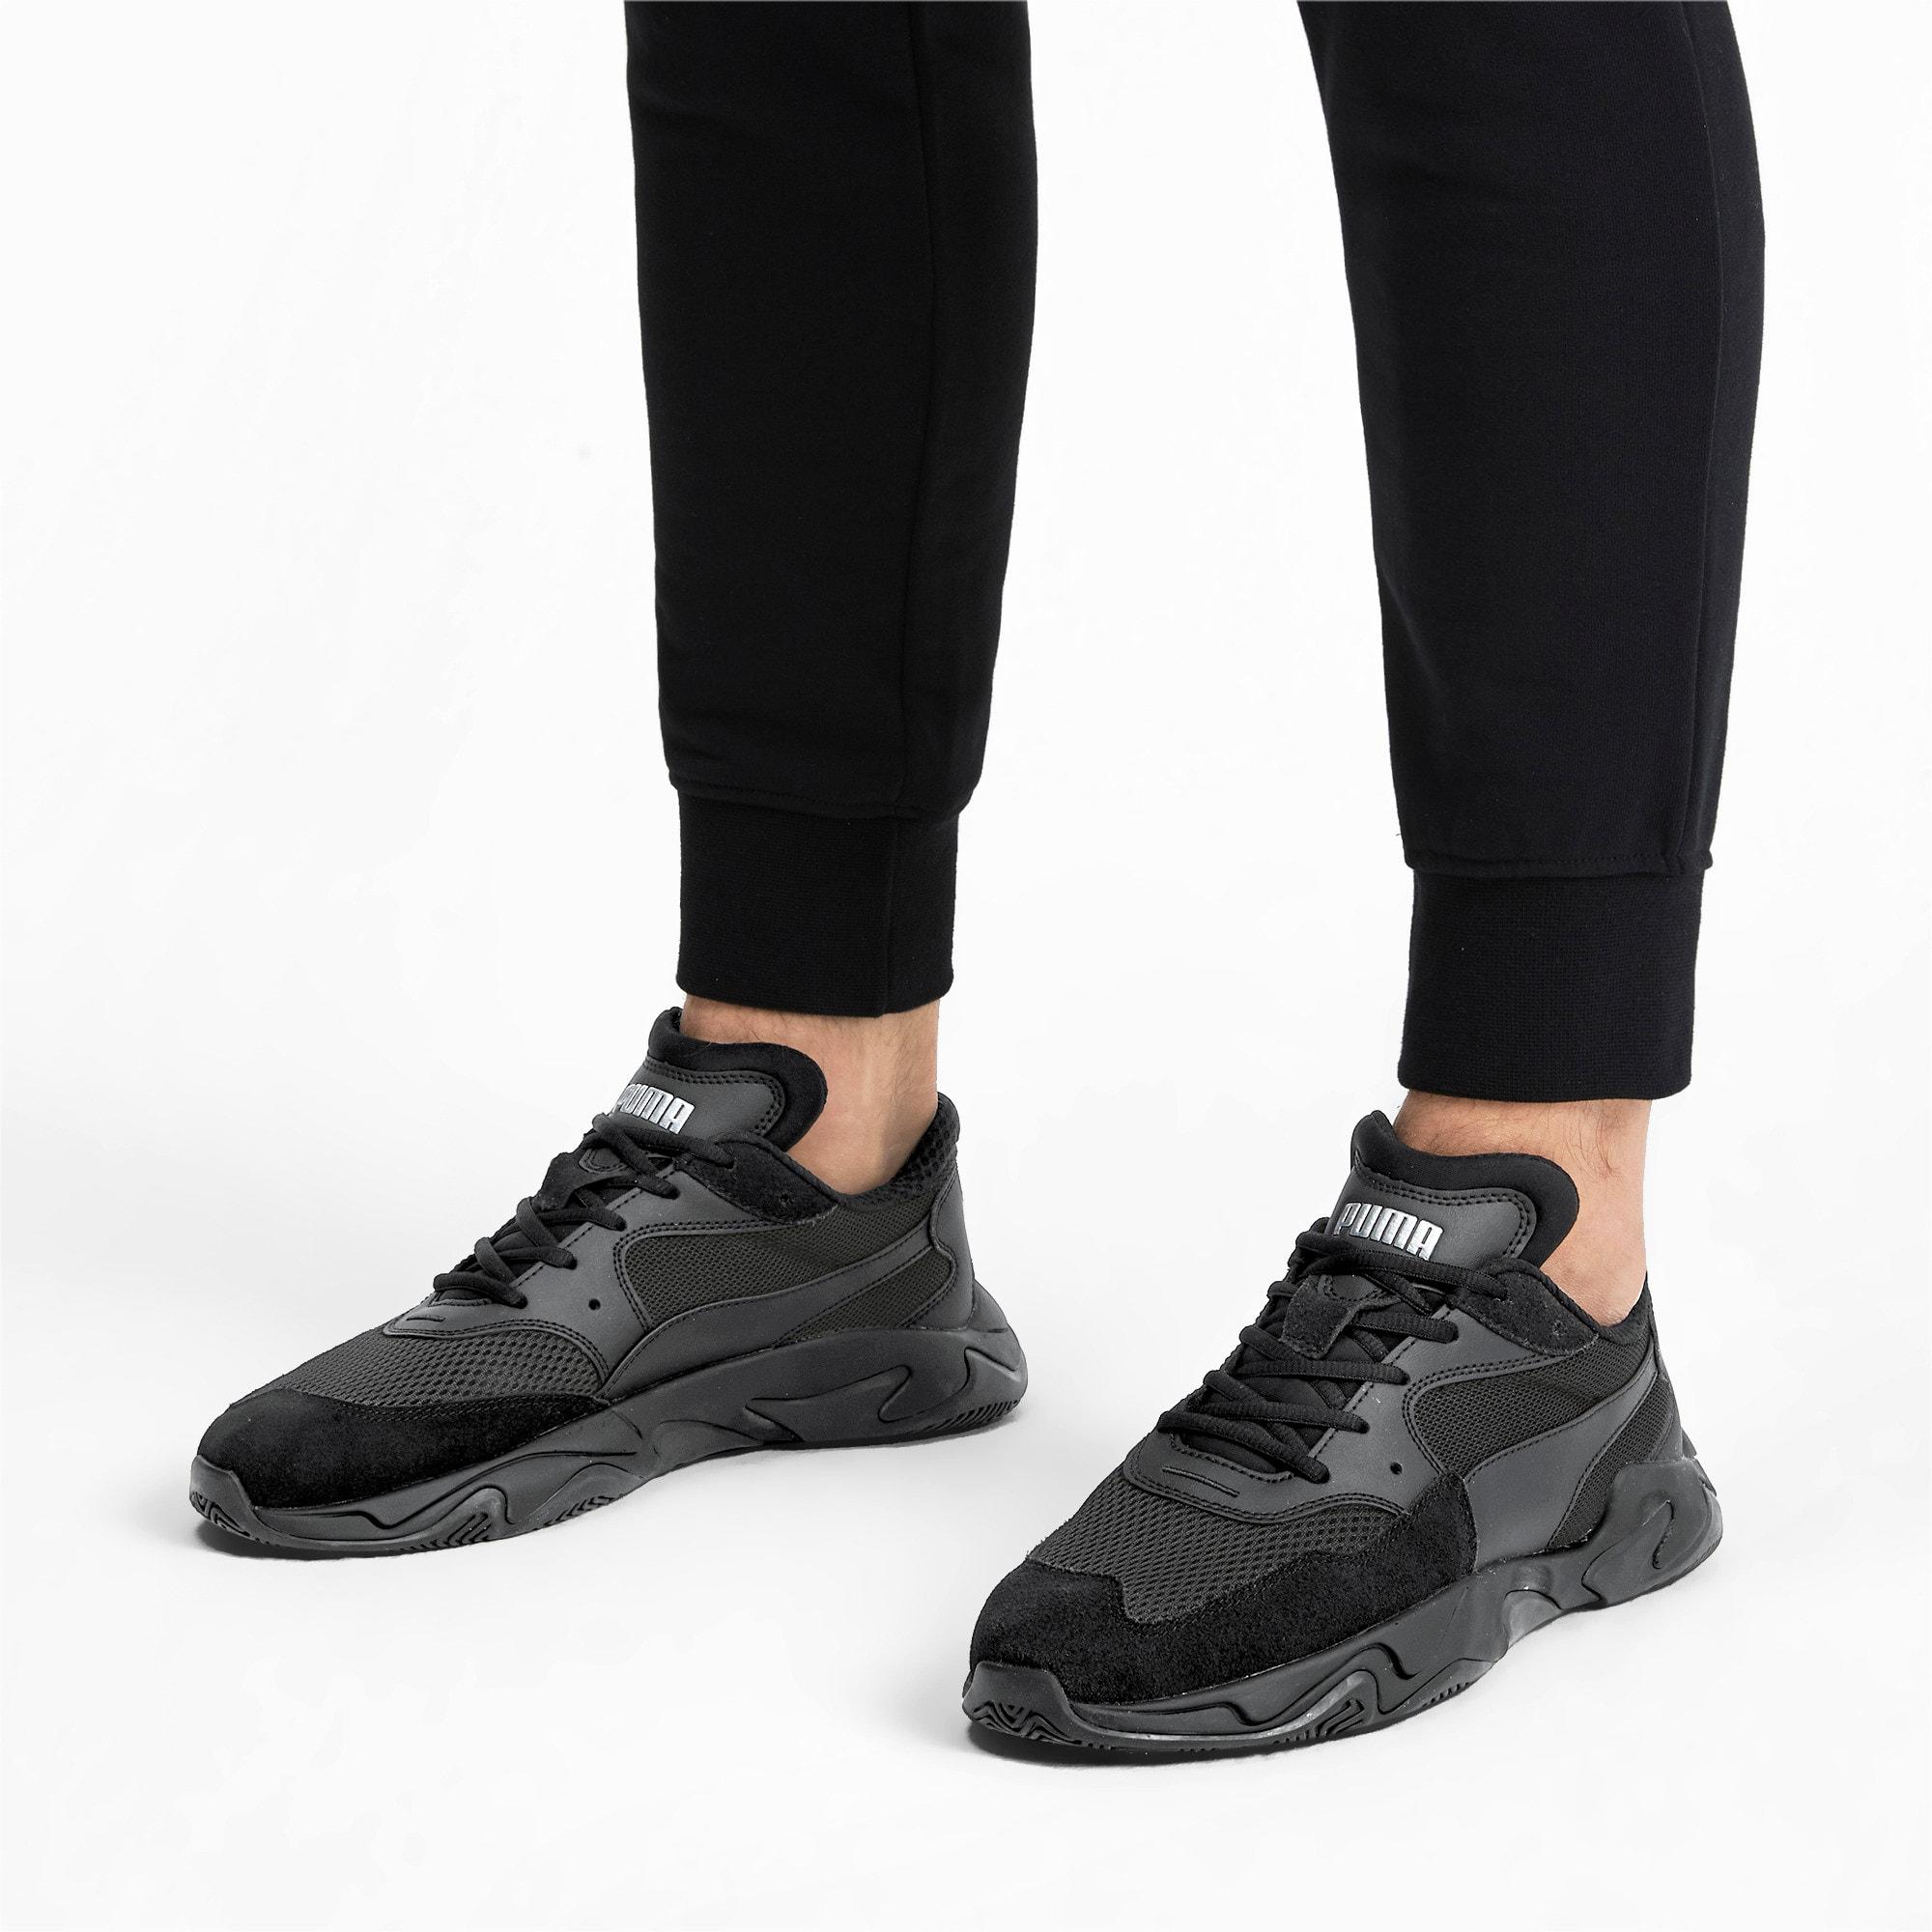 Thumbnail 2 of Storm Origin Sneakers, Puma Black, medium